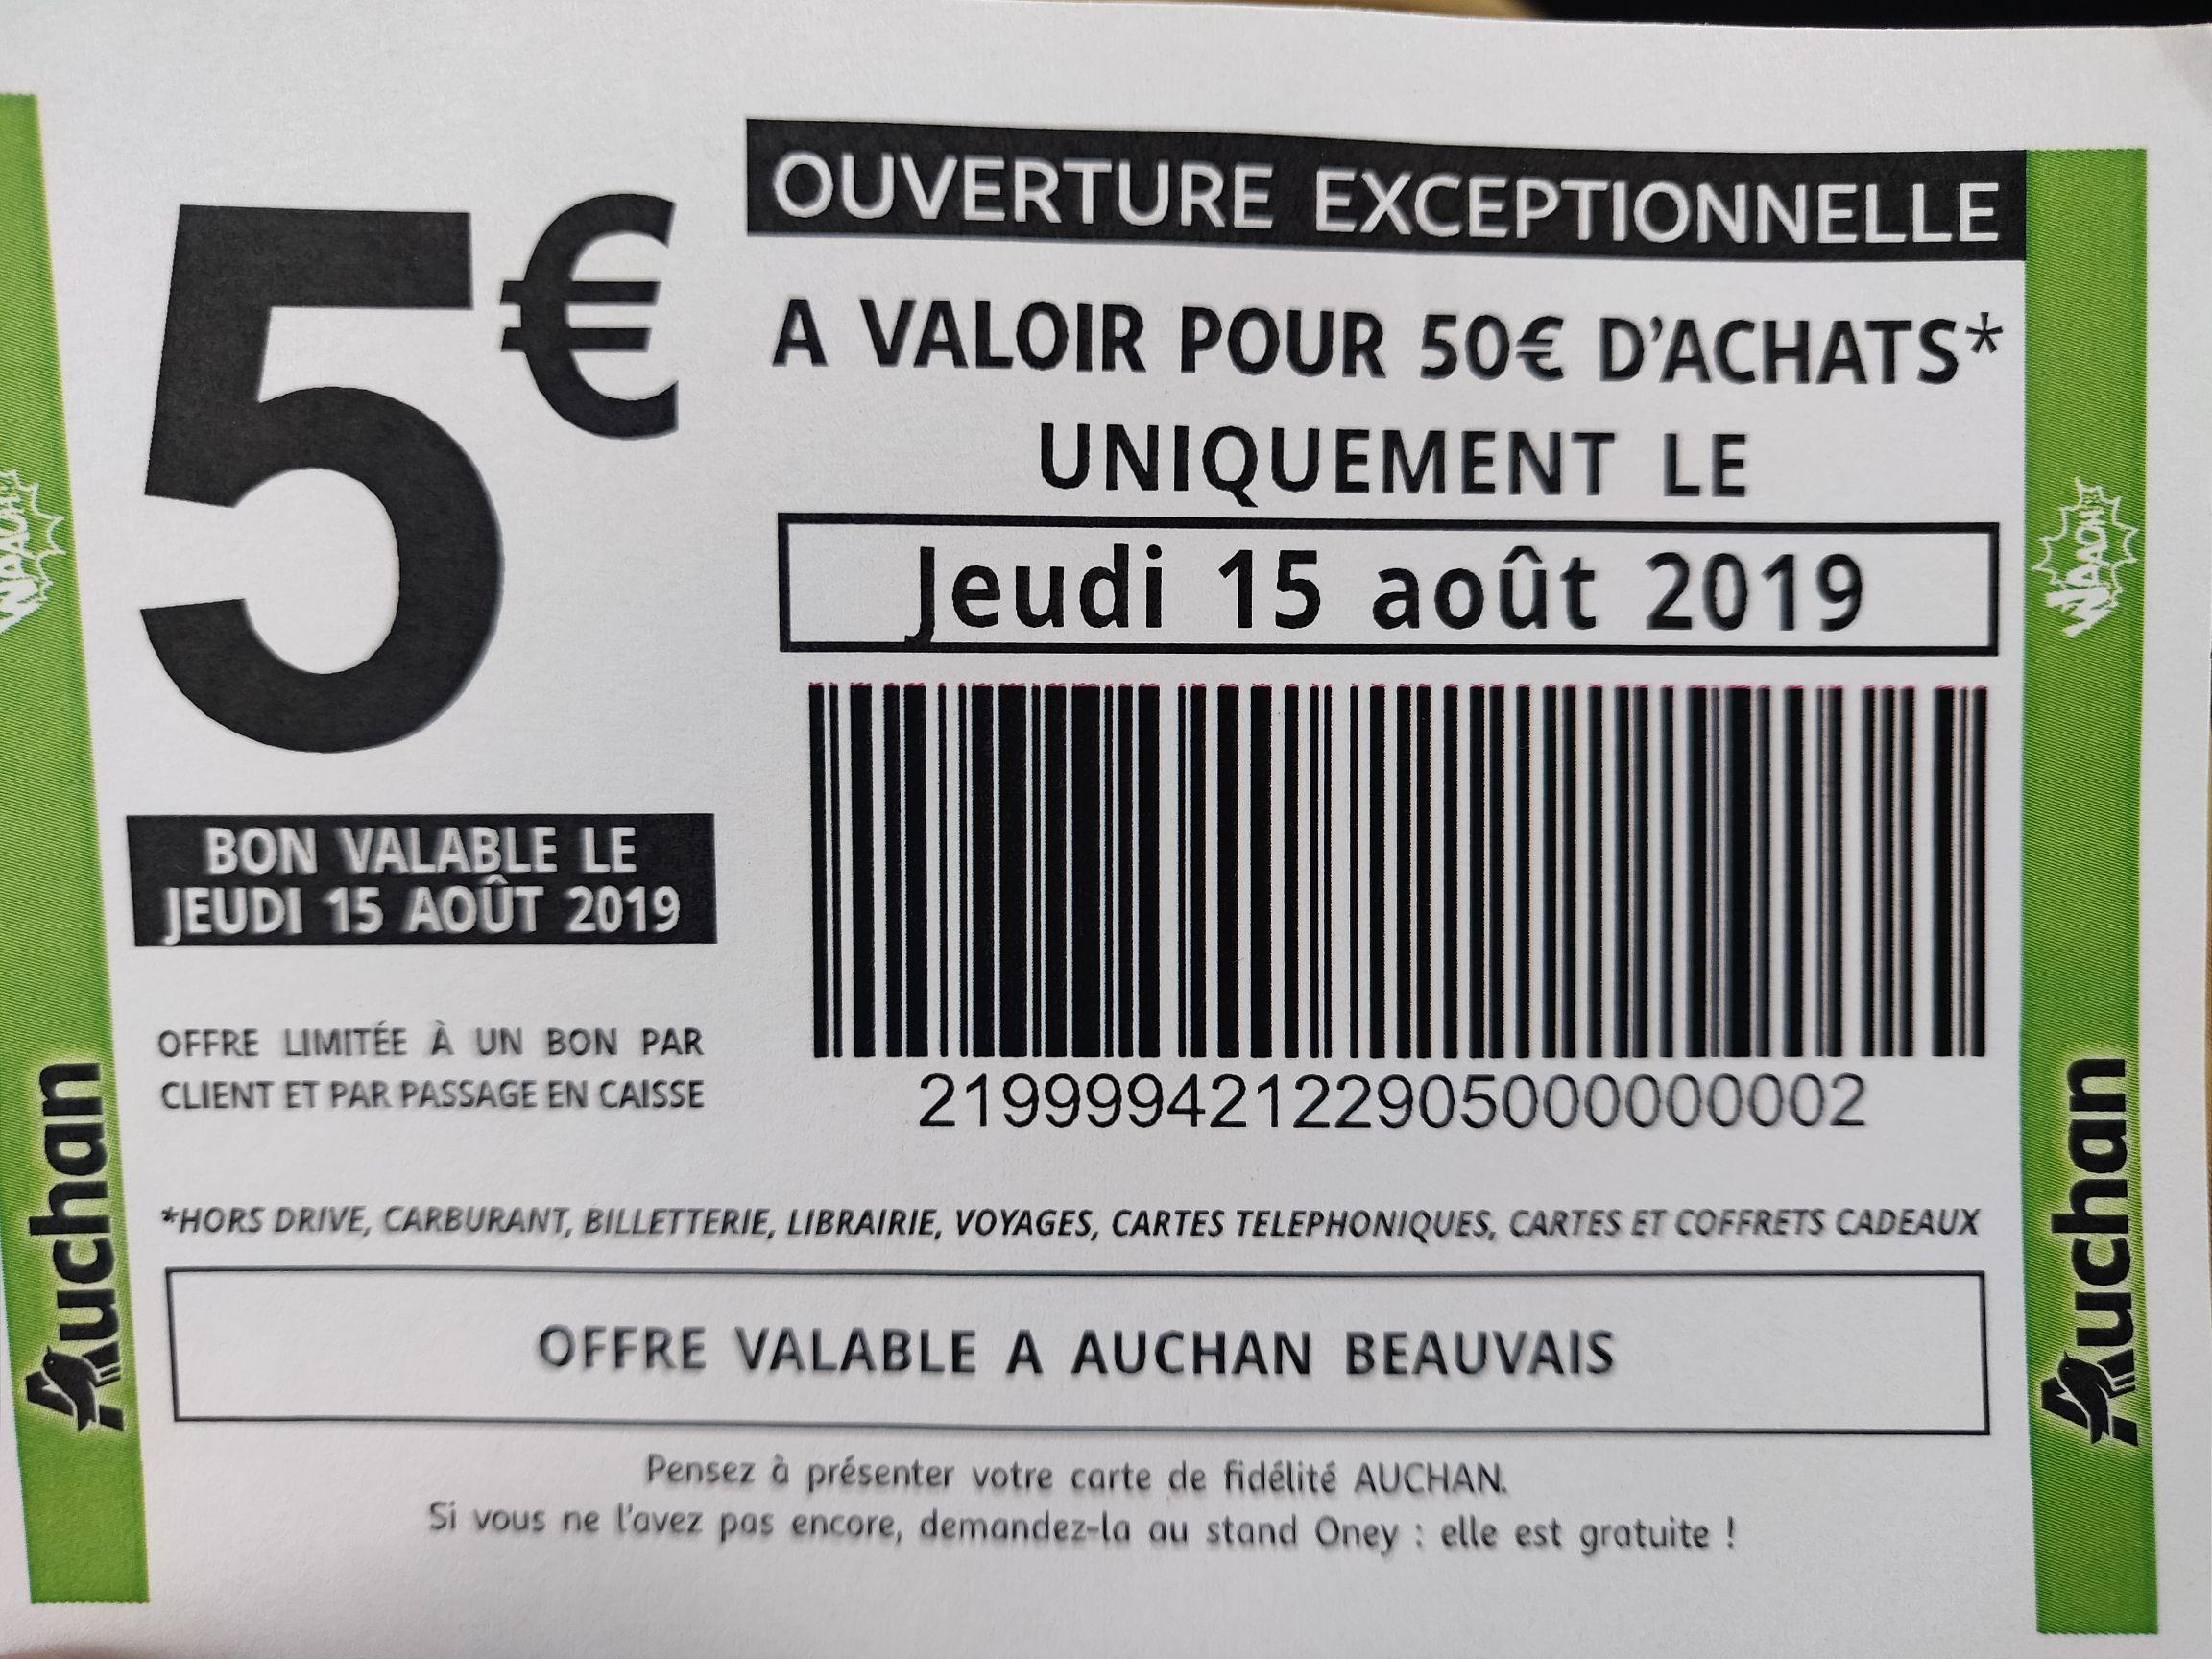 Bon de 5€ de réduction dès 50€ d'achat valable le jeudi 15 août - Beauvais (60)